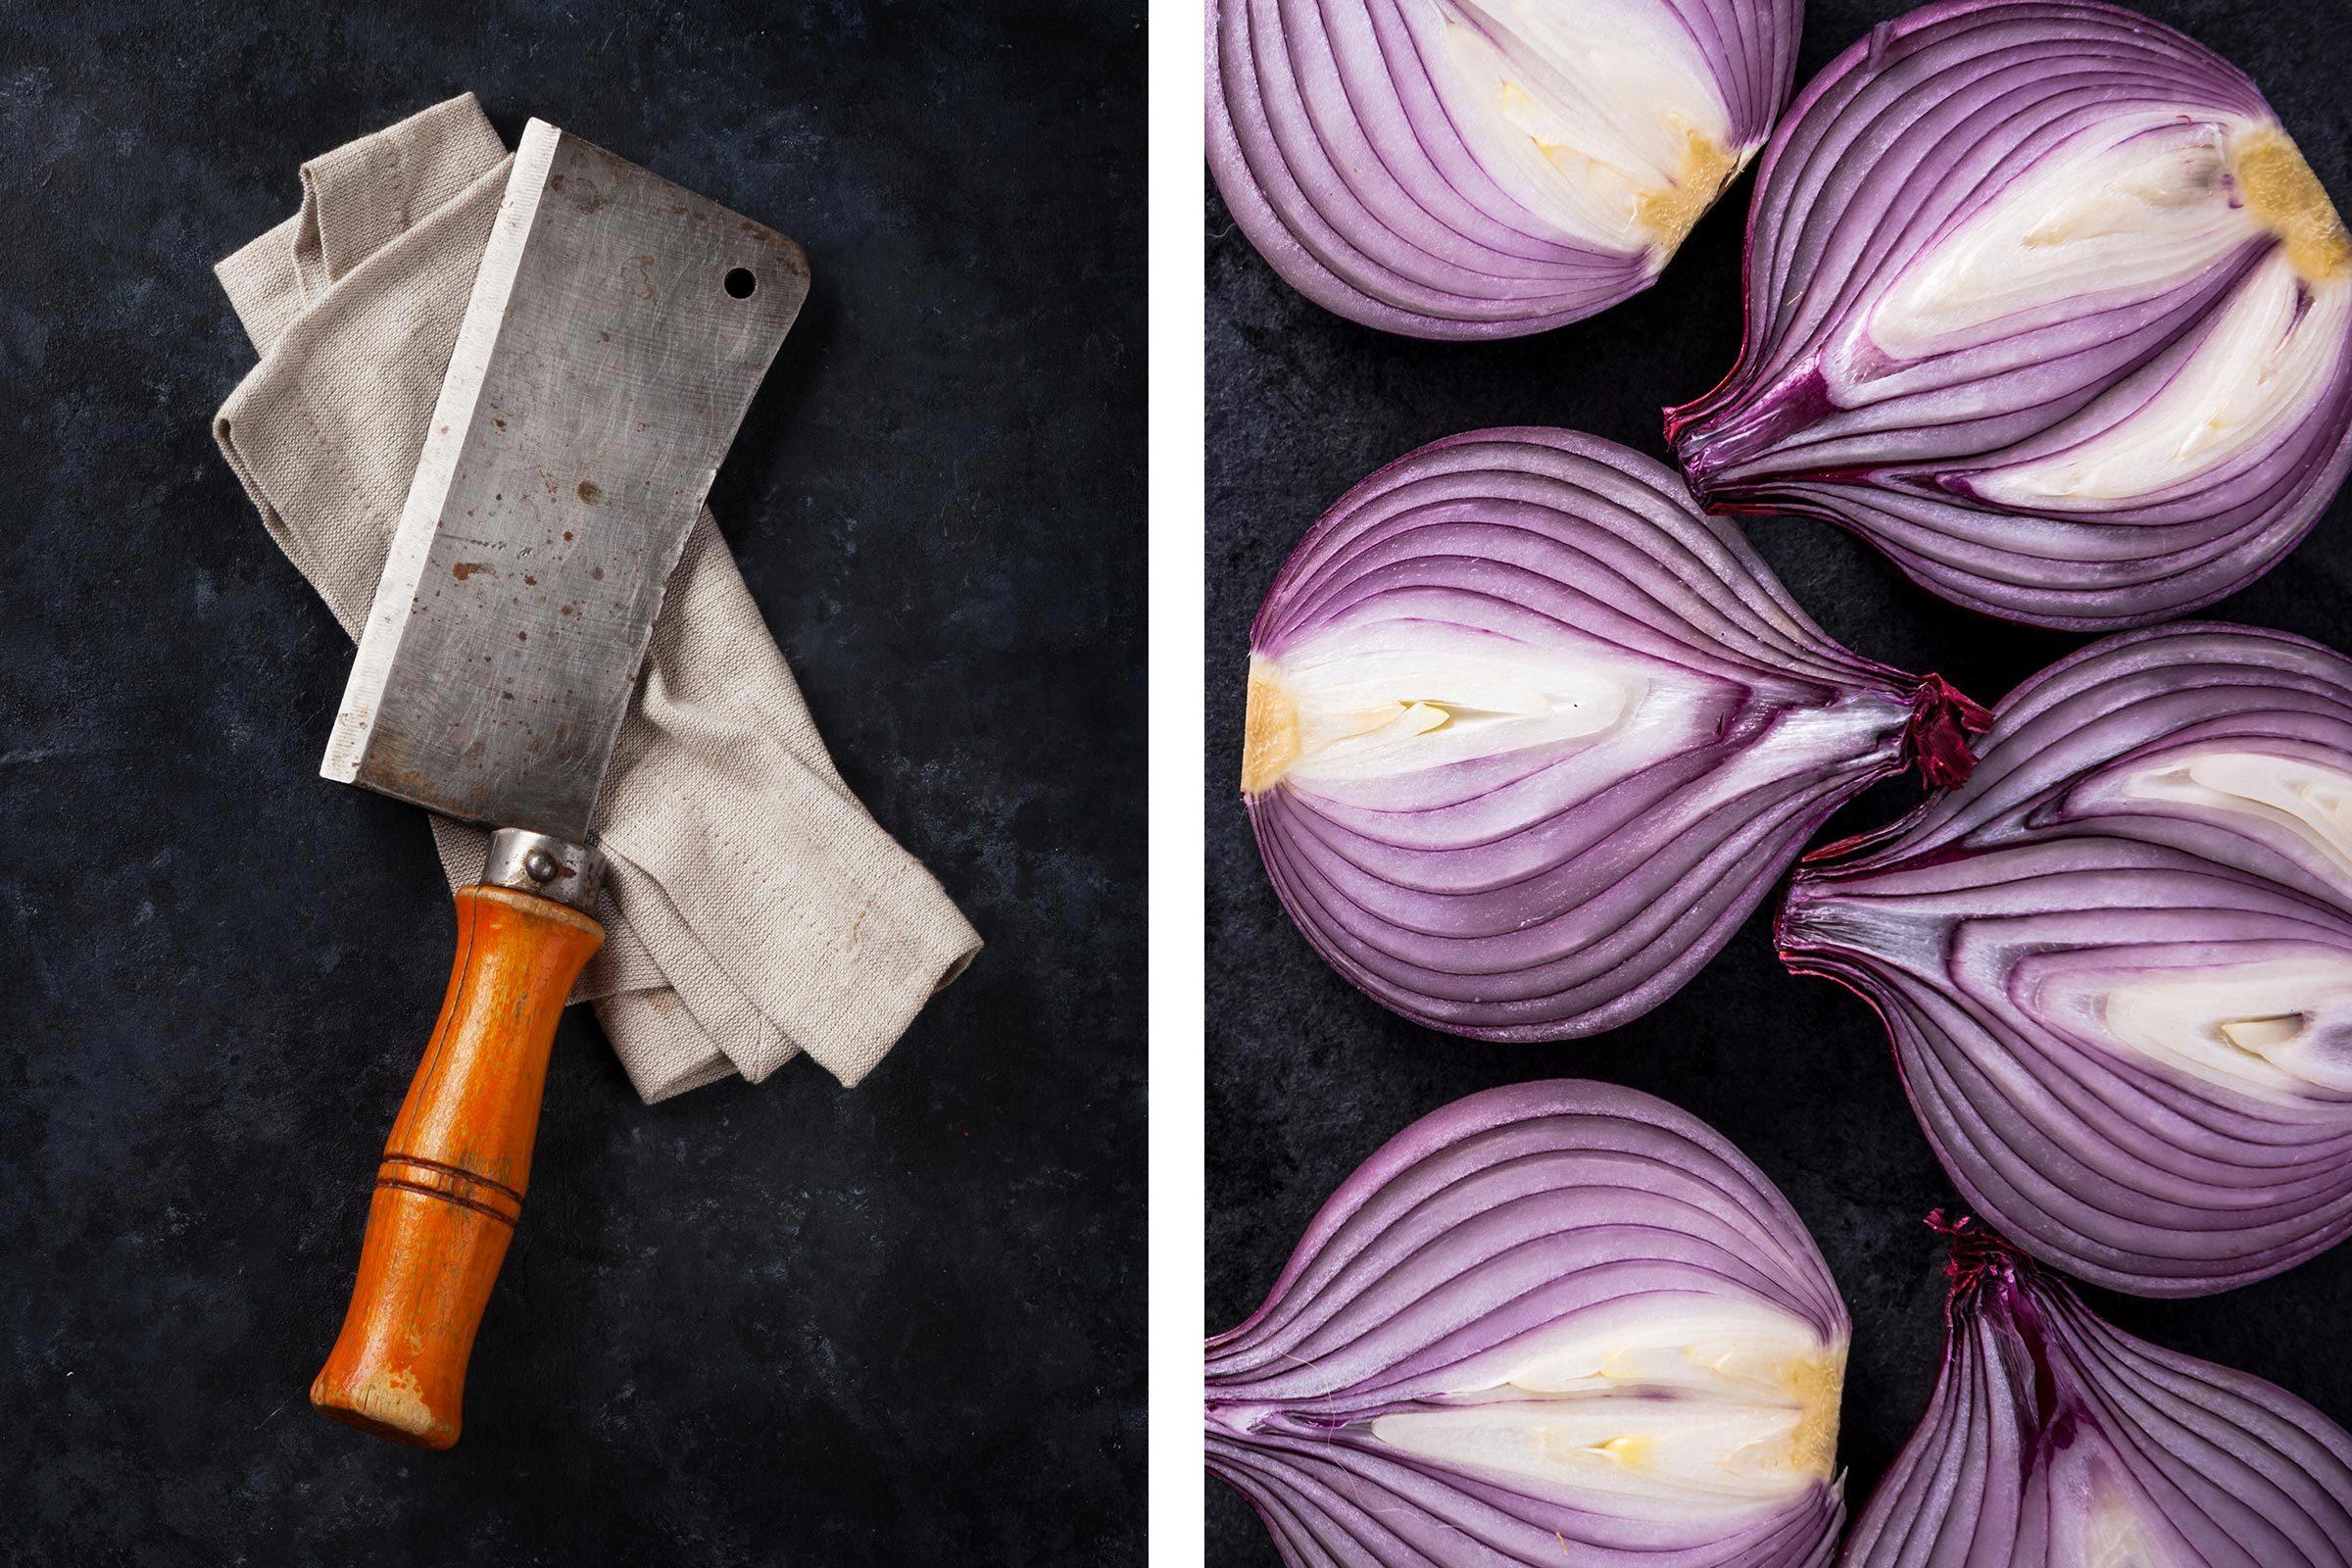 Avec un oignon, enlevez la rouille des couteaux.